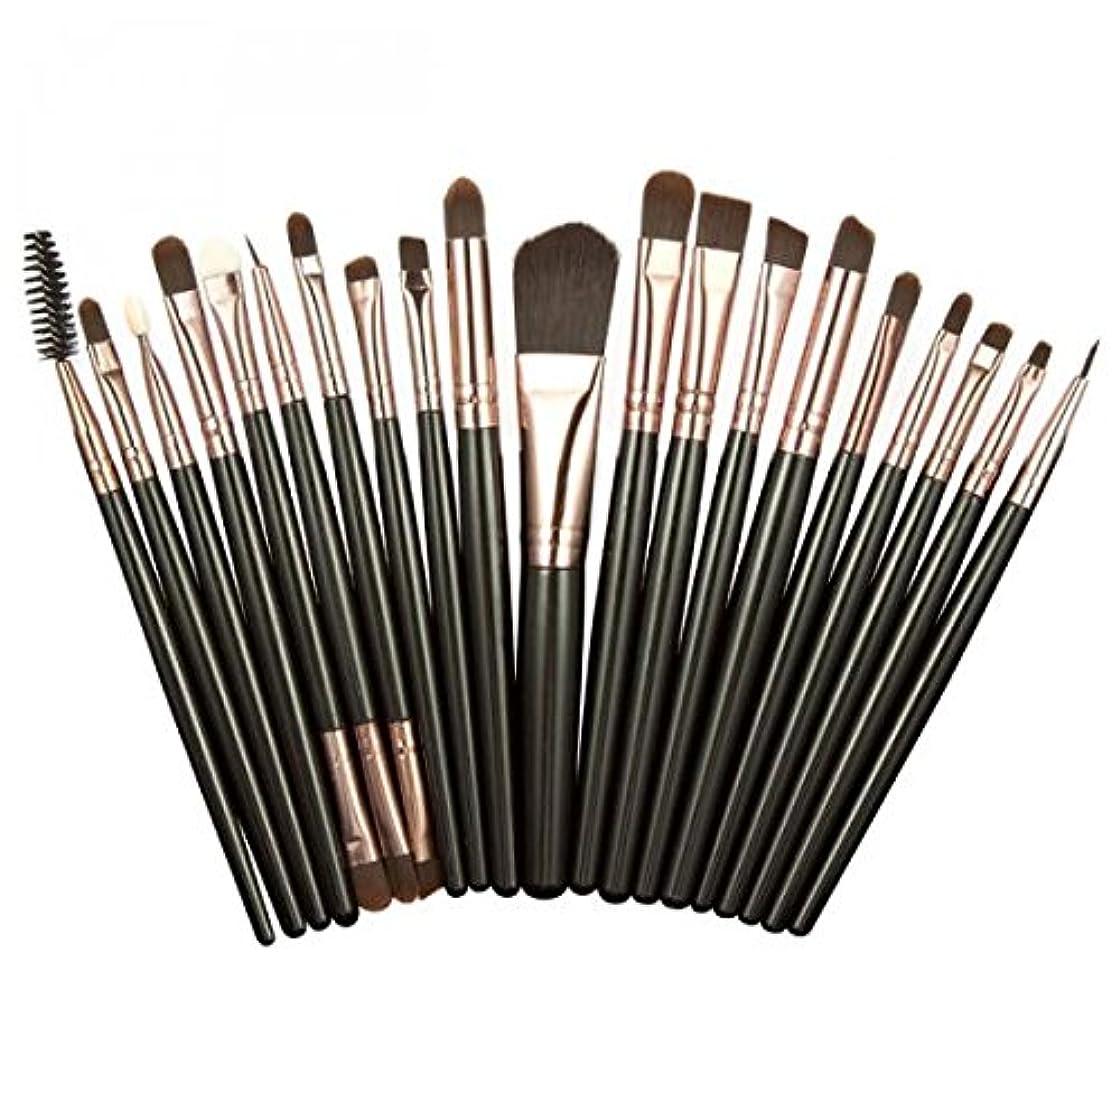 世界翻訳者セール黒の化粧ブラシホルダー+ 20枚メイクブラシは黒茶色を設定します